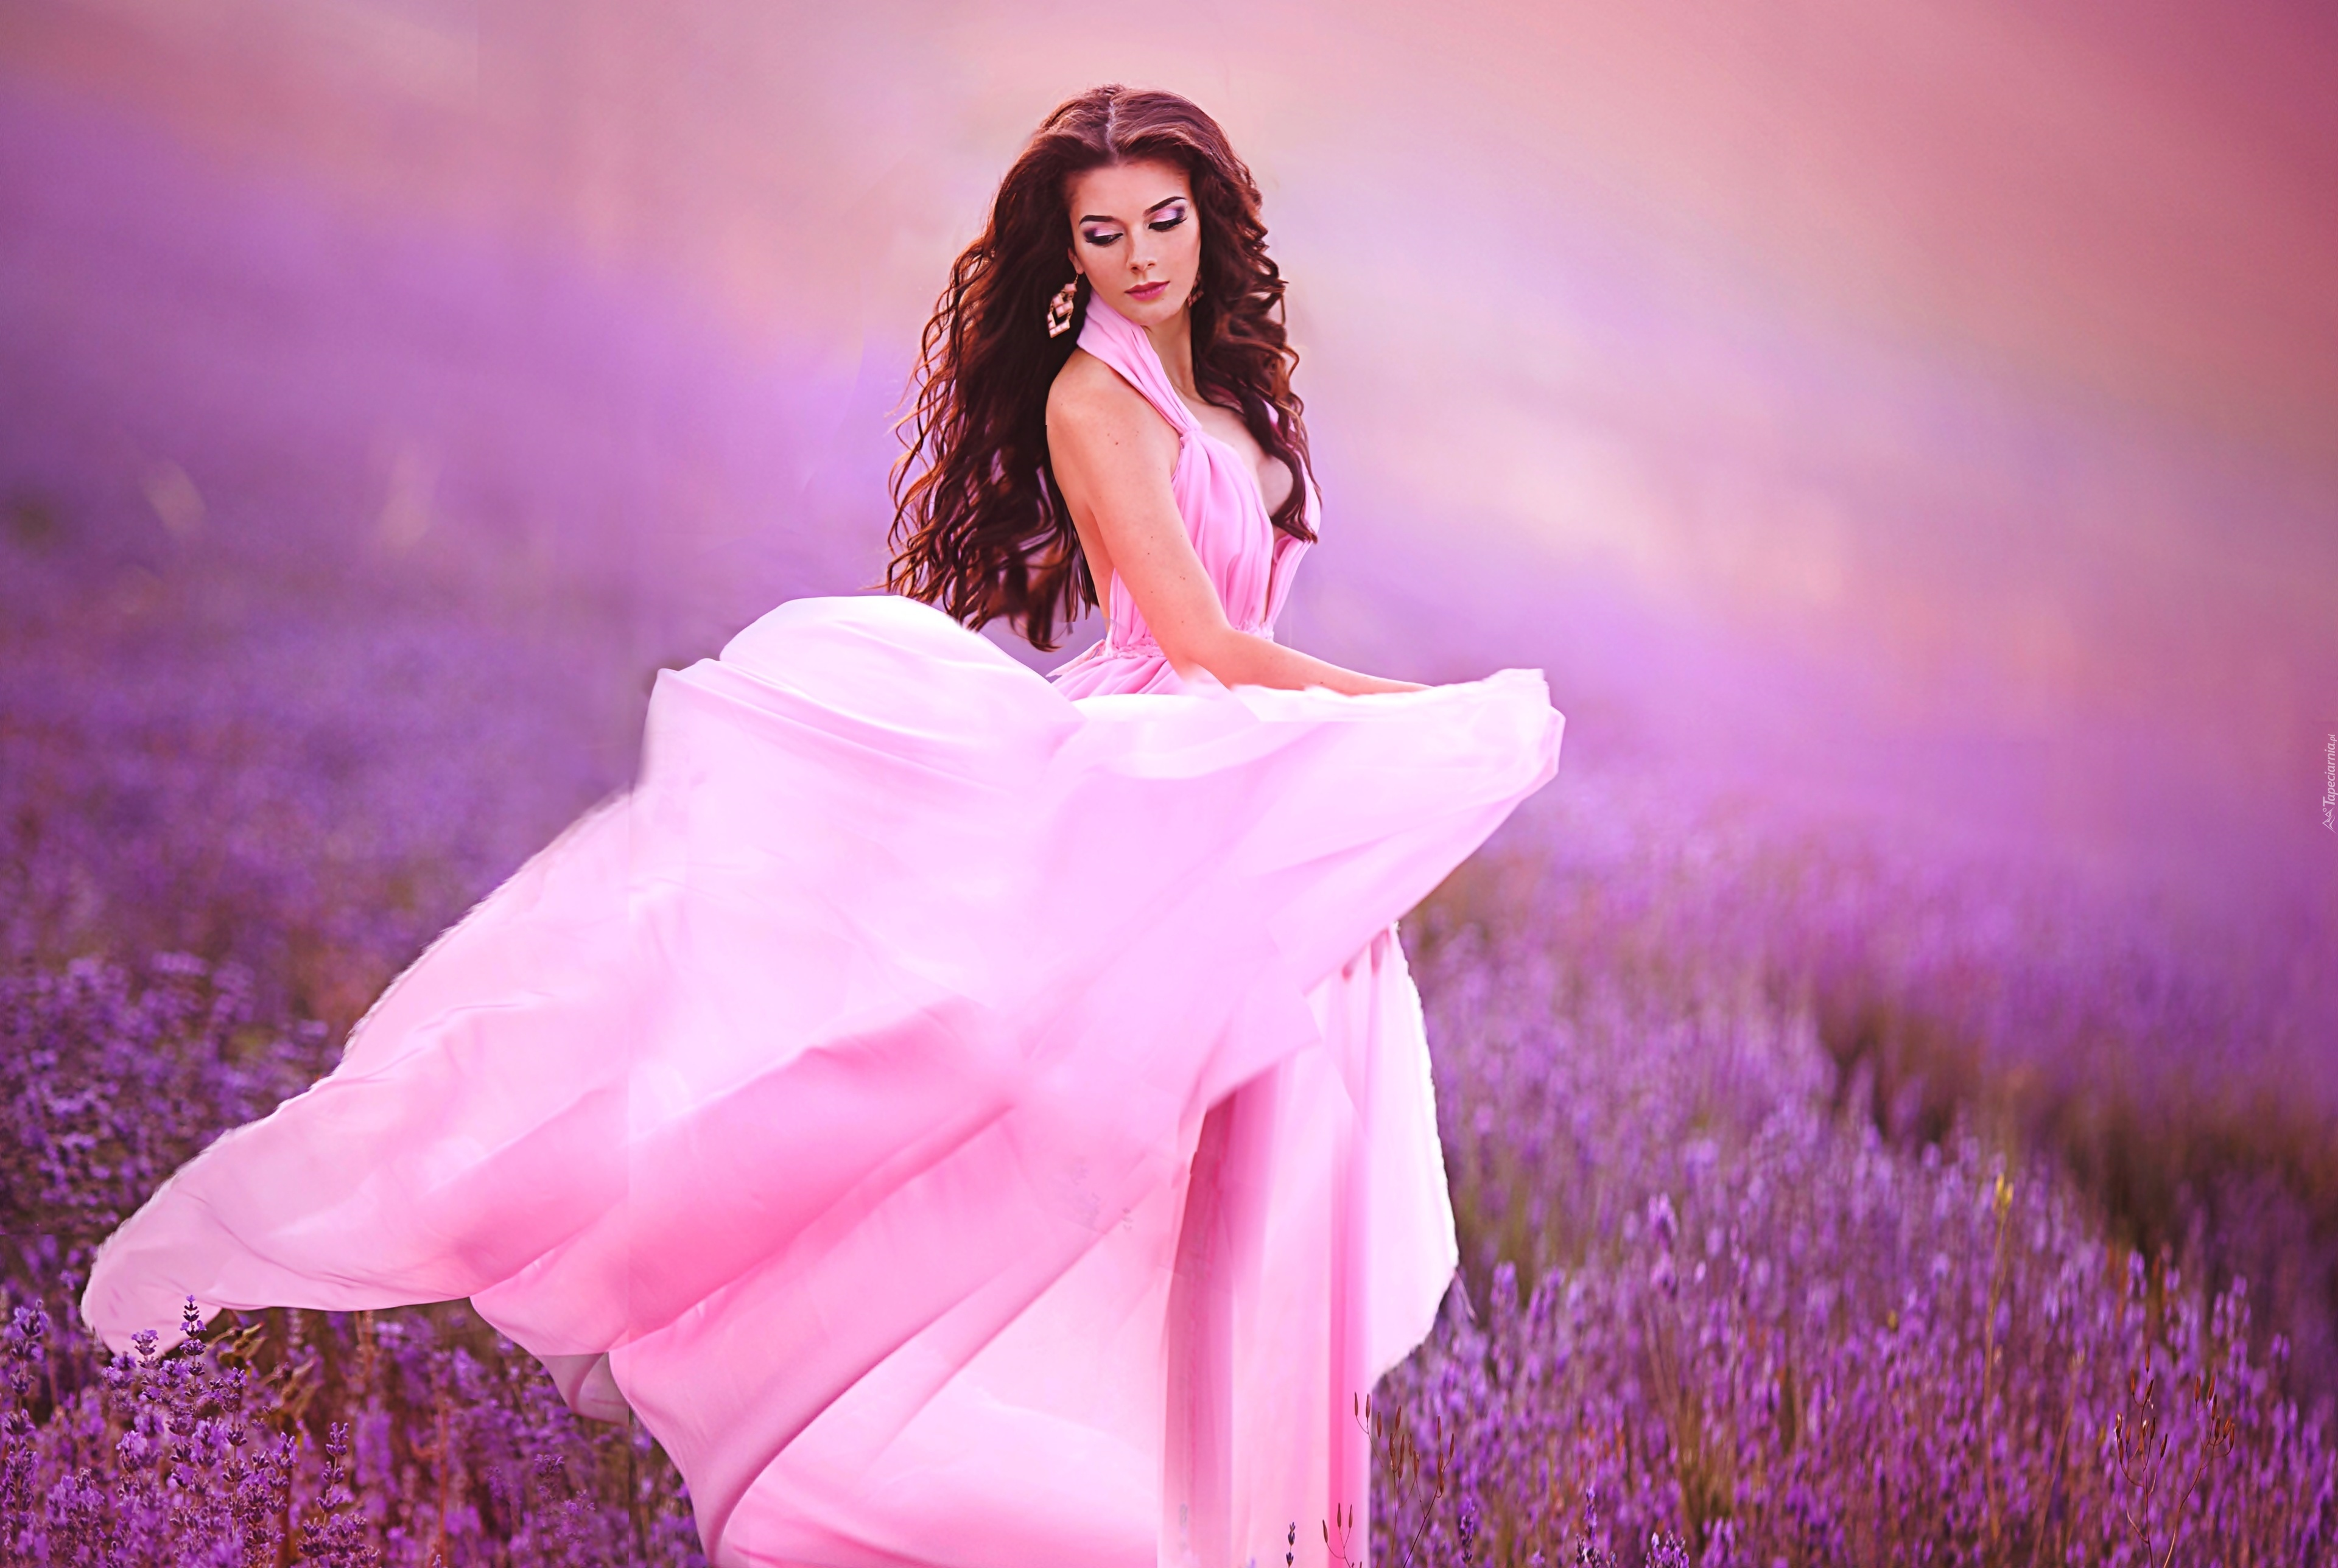 Фото девушки в розовом платье 16 фотография